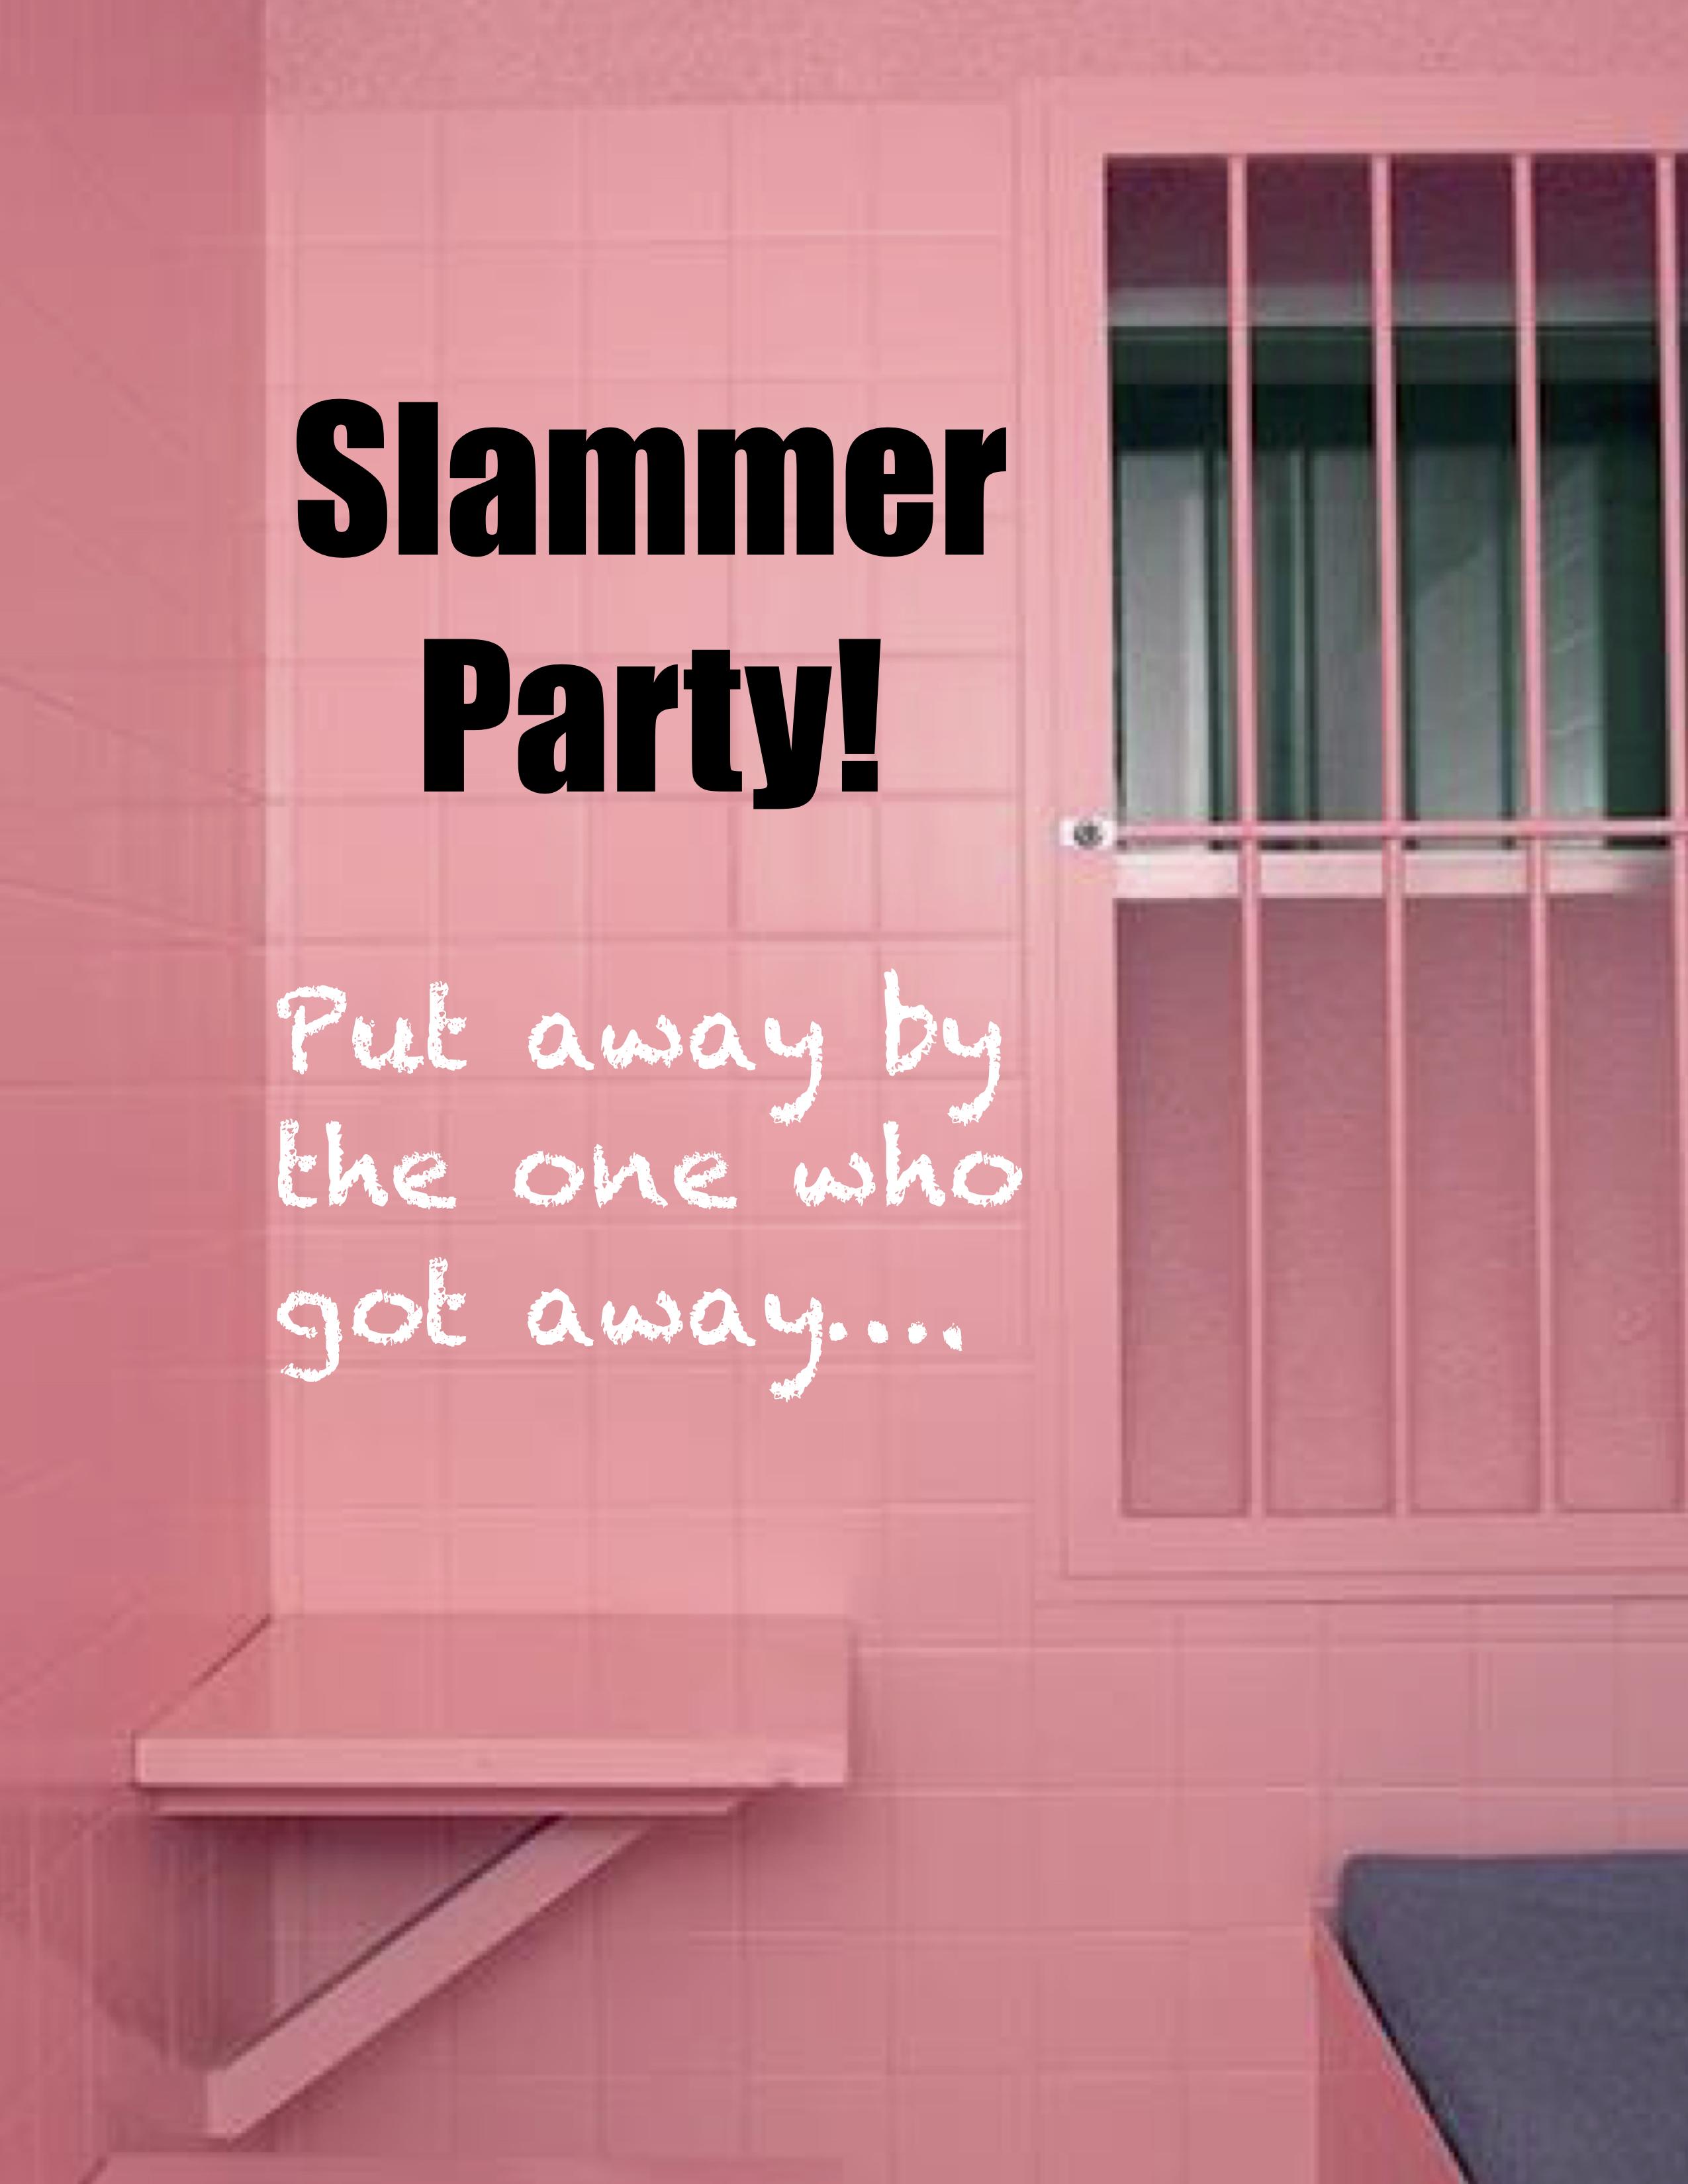 Slammer Party Poster